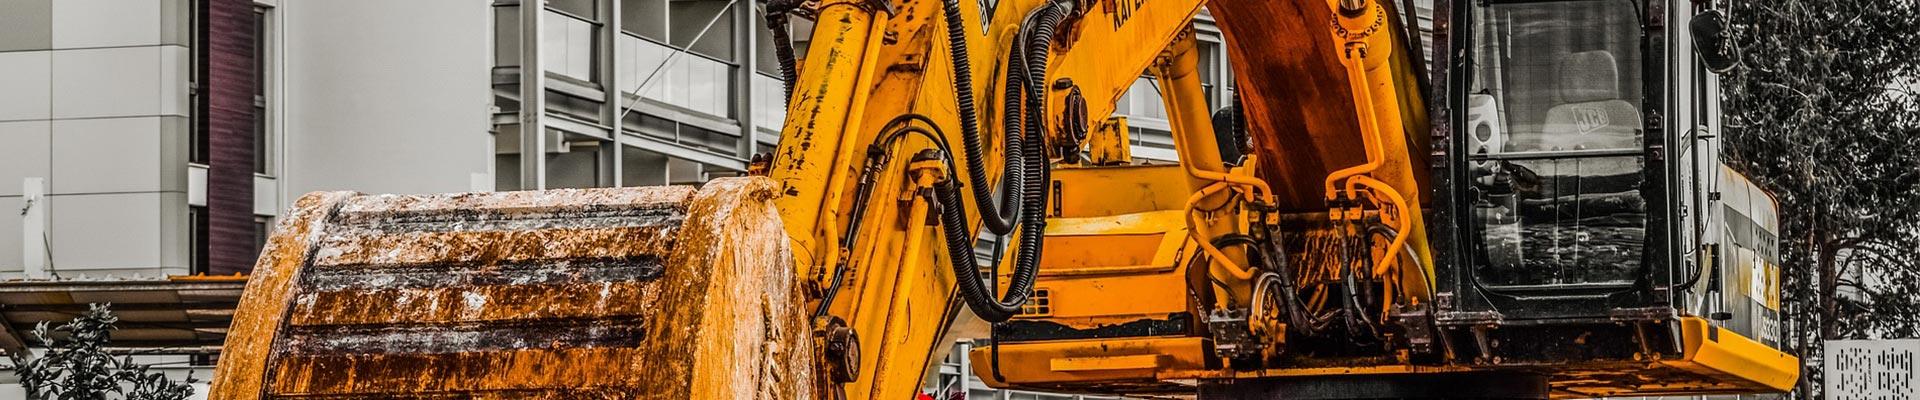 Réparation de flexibles sur site